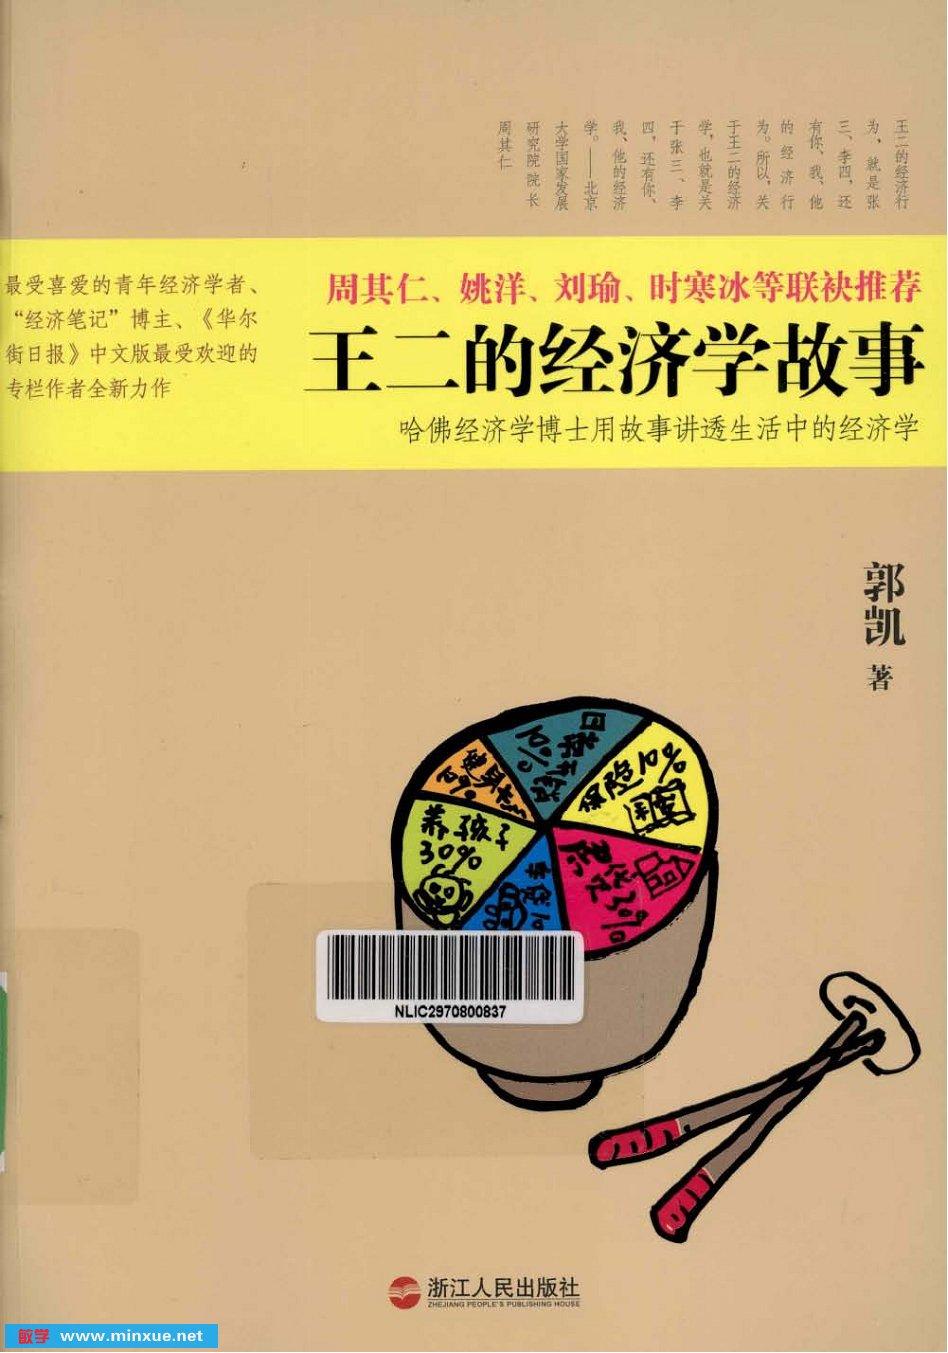 1个经济学故事_好奇心经济学:像侦探小说一样有趣的经济学故事 9787308162388-孔...